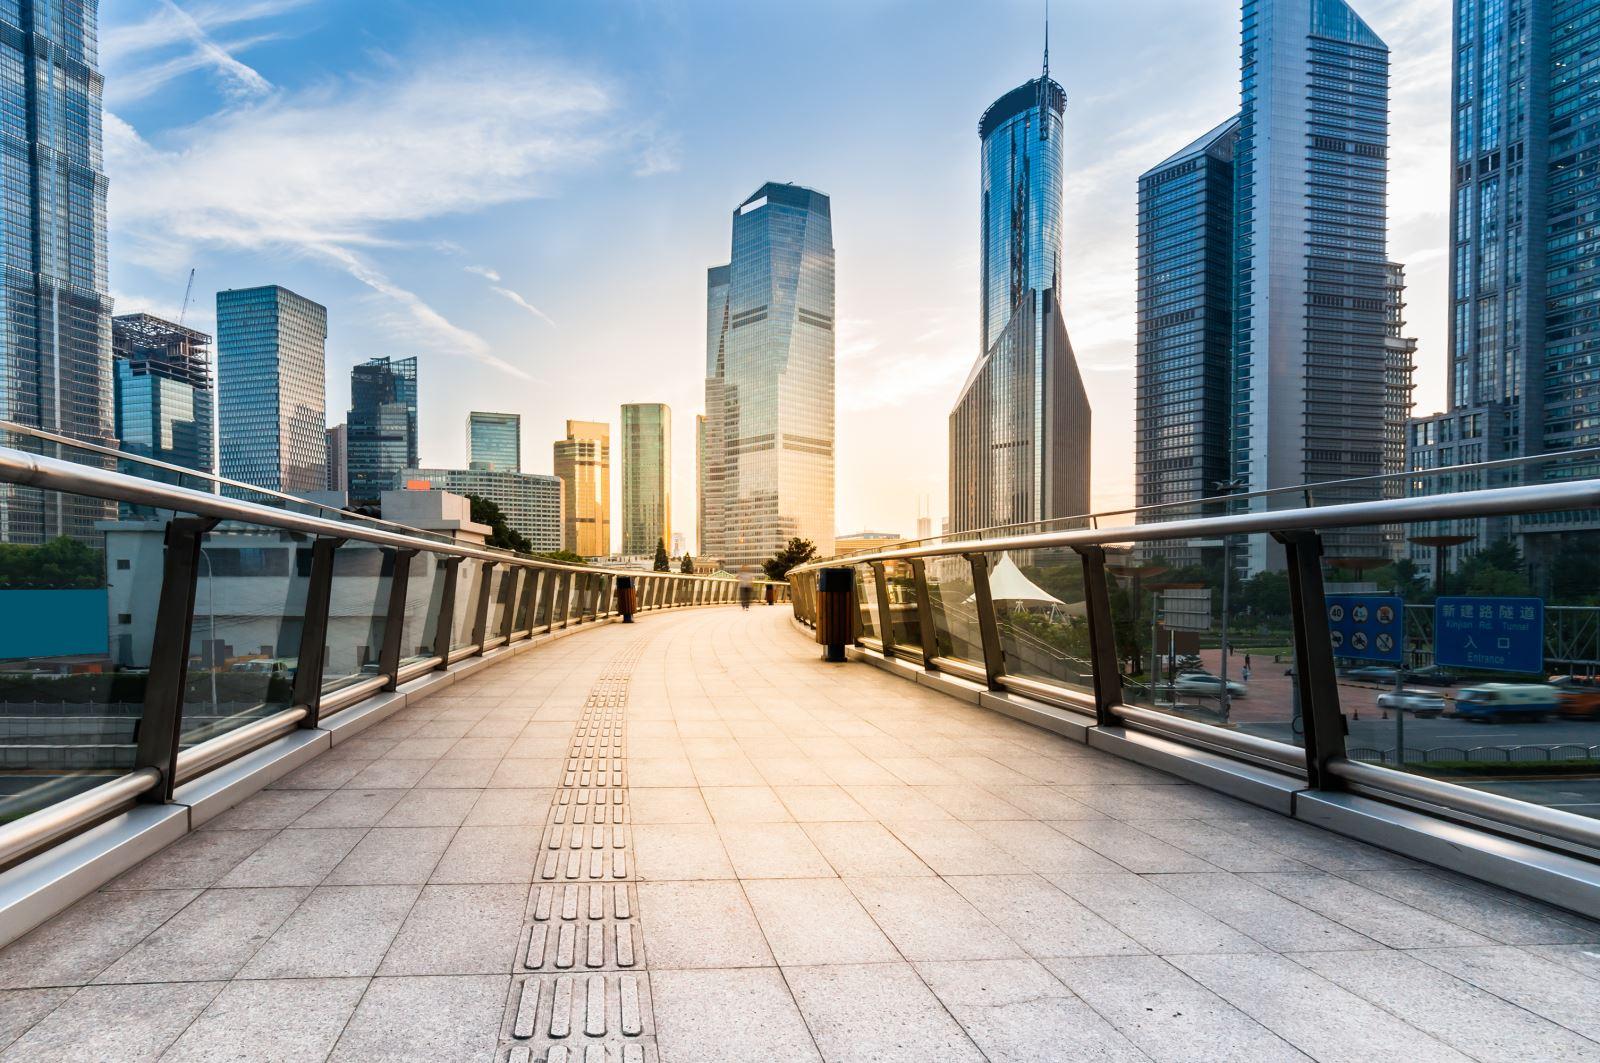 Transformação digital já é prioridade em 72% das empresas de construção civil no mundo